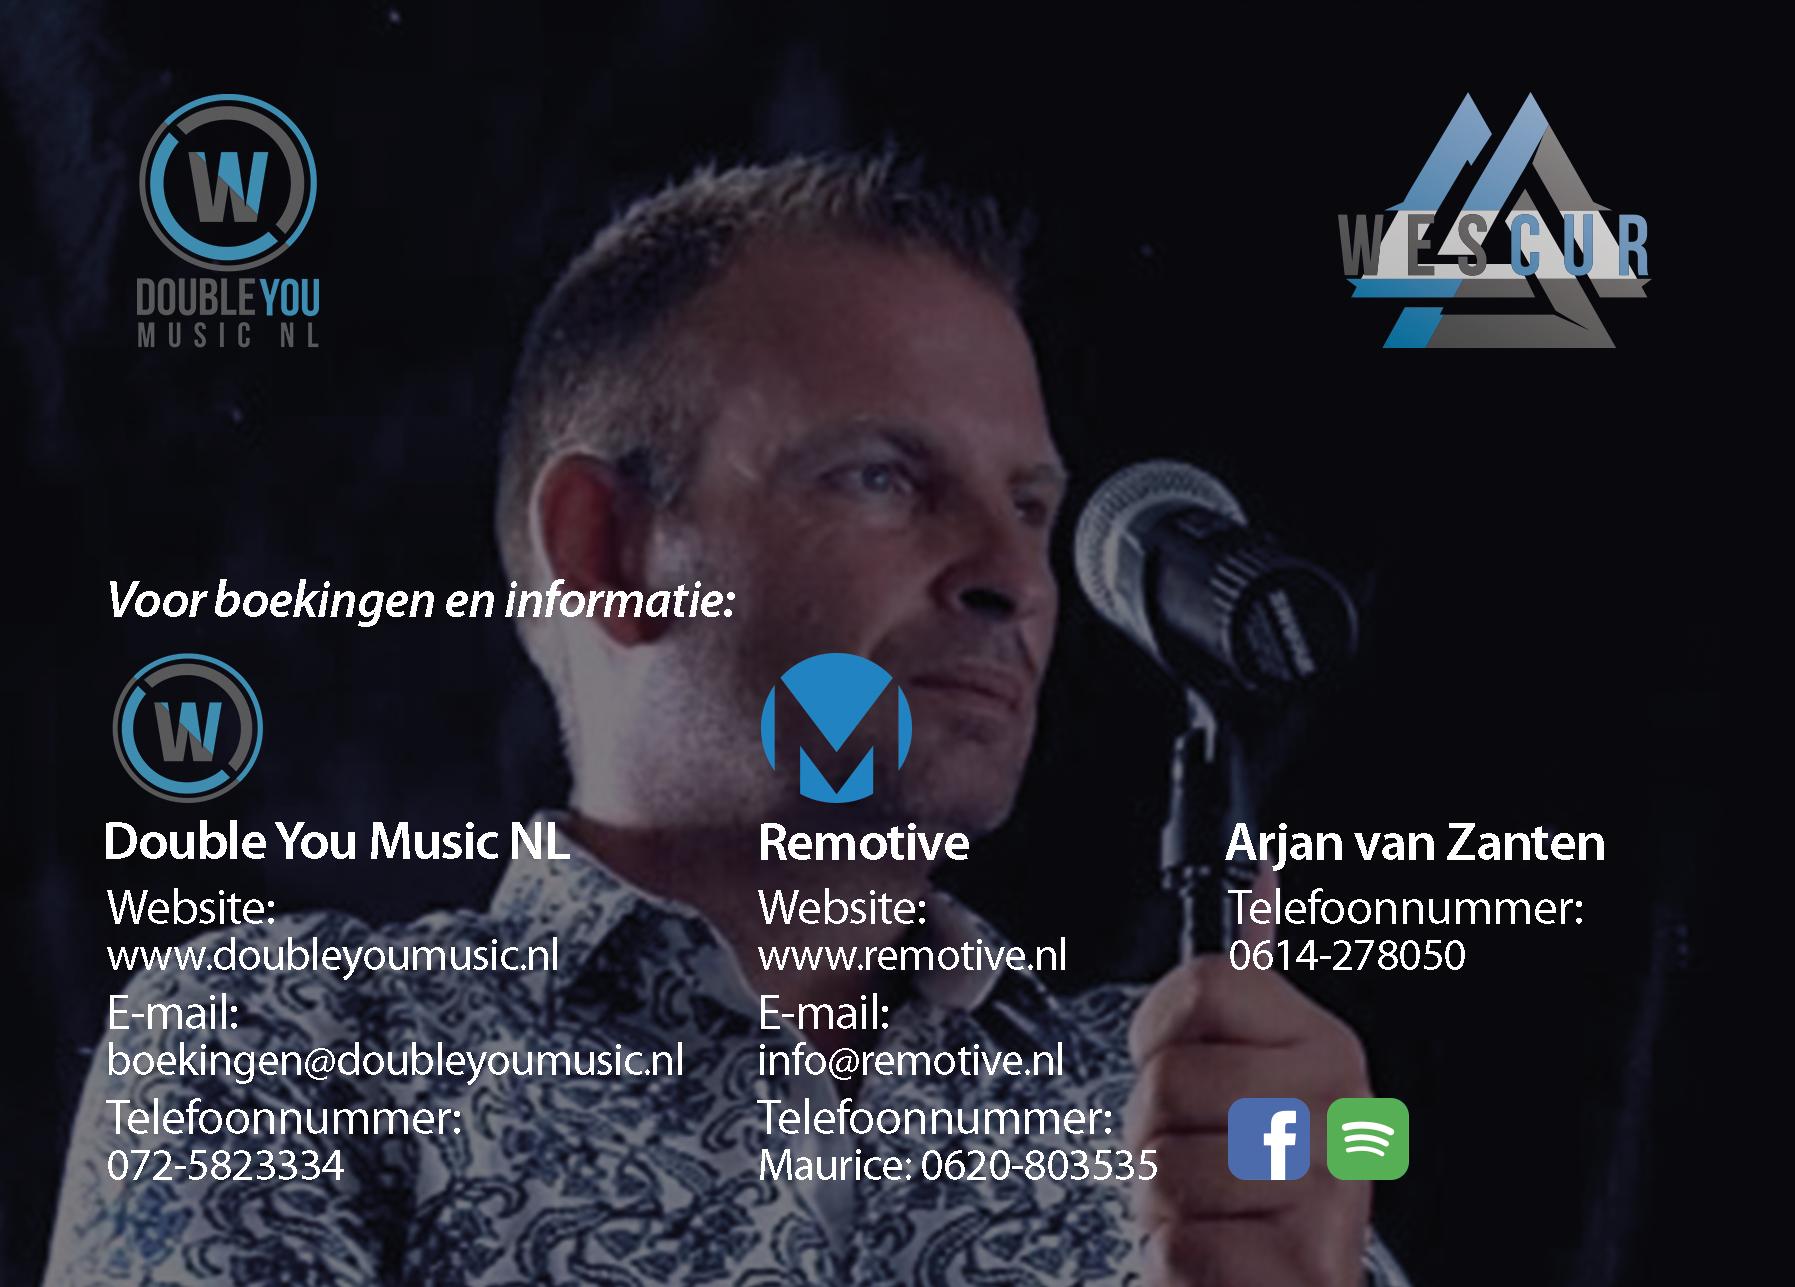 Double-You-Music-NL-Arjan-van-Zanten-Fotokaart-Achterkant